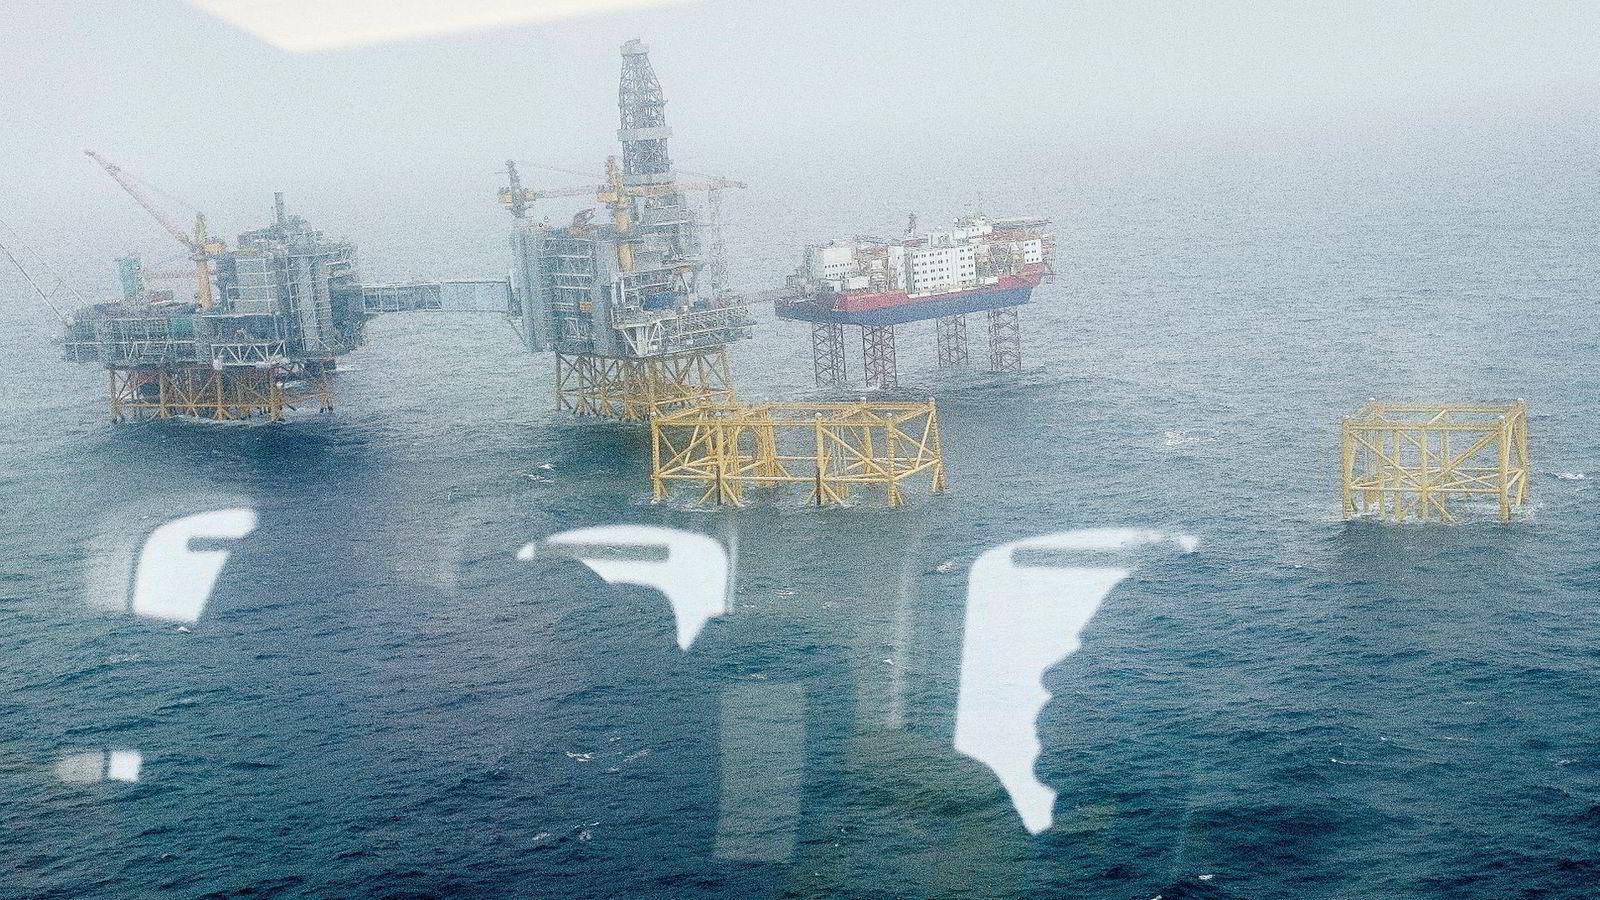 Dersom oljebransjen virkelig vil være med å bidra til en bedre verden, trenger vi at deres kunnskap og kompetanse brukes til å sikre en rask omstilling vekk fra fossile energikilder og over til mer miljøvennlige alternativer. Bildet er tatt fra helikopter på vei til Johan Sverdrup feltet.